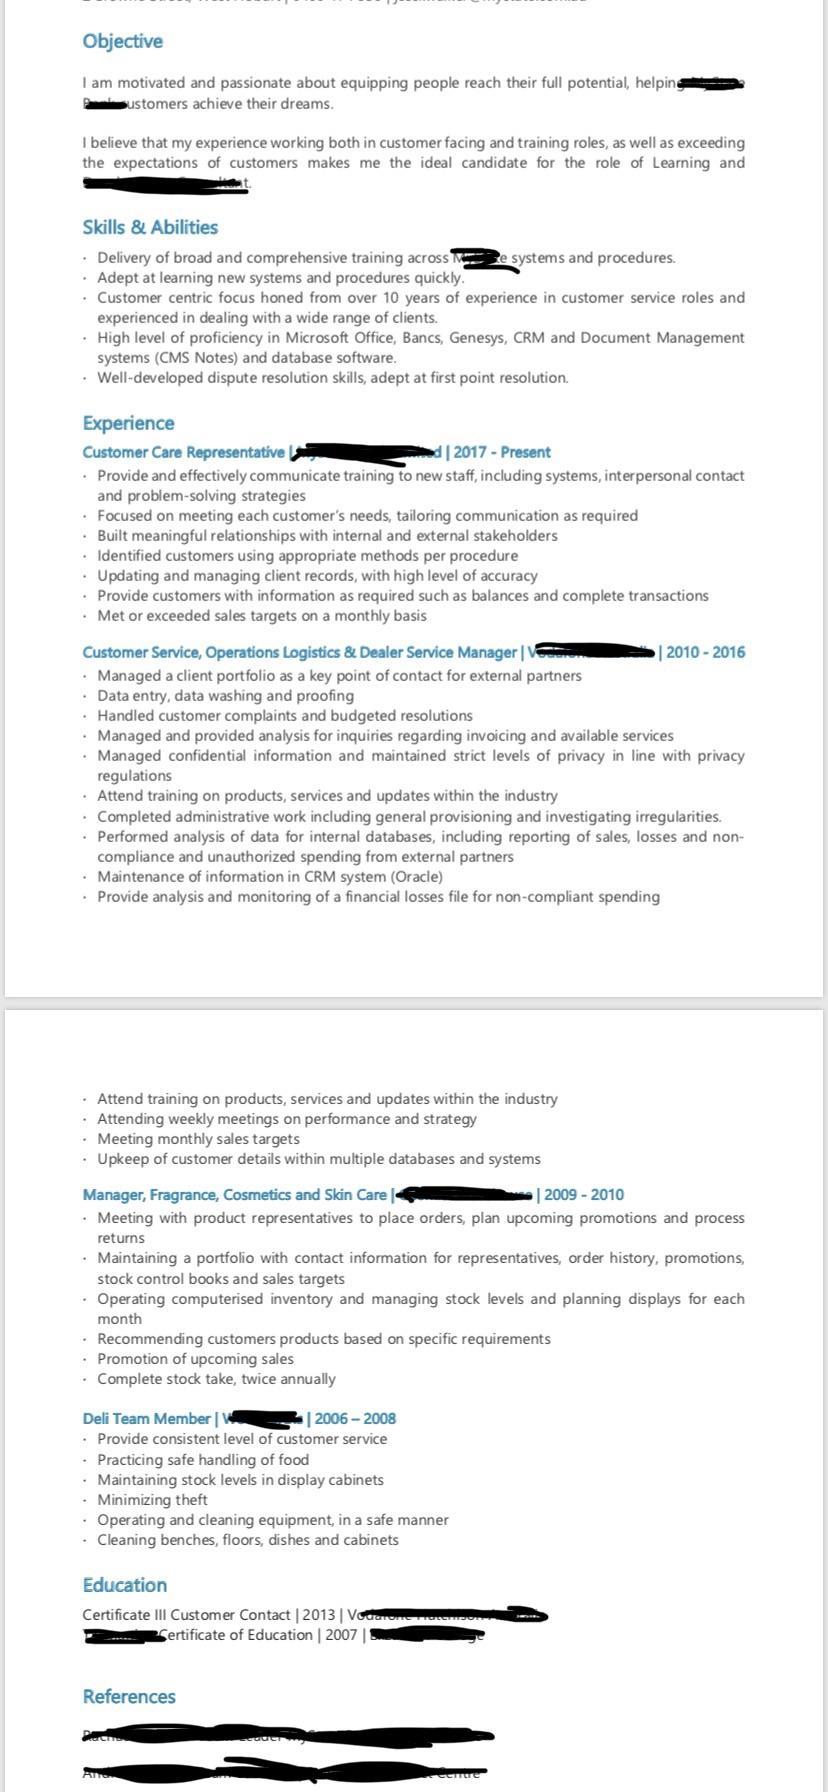 resume too wordy reddit